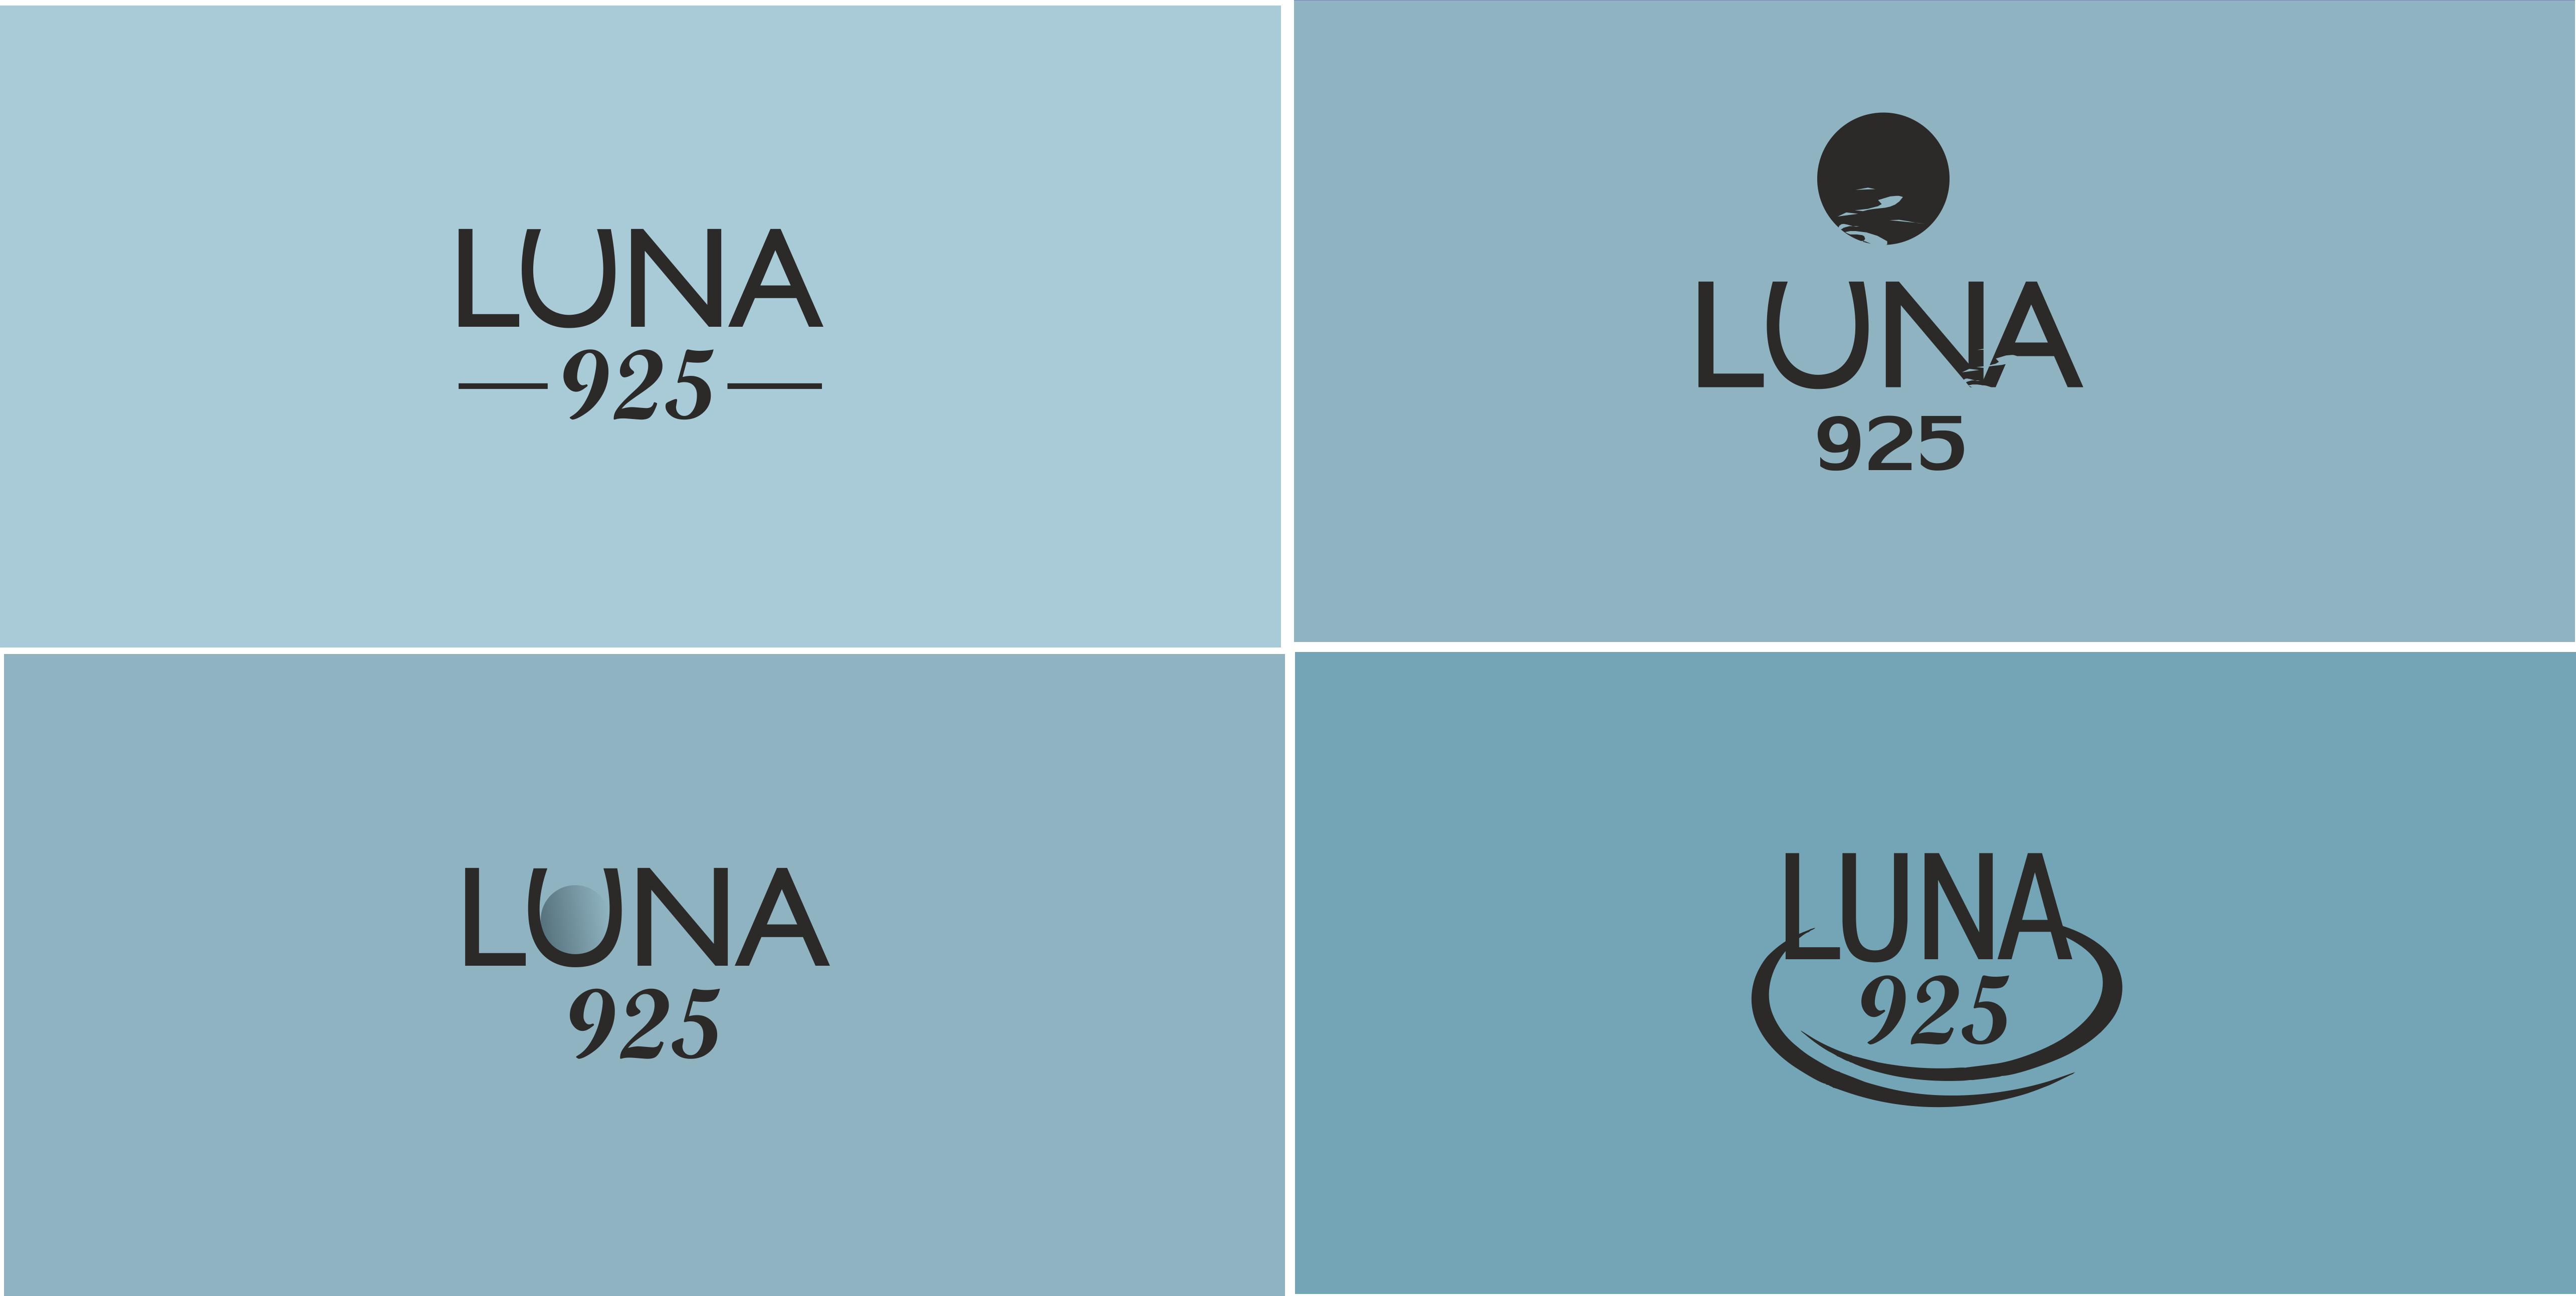 Логотип для столового серебра и посуды из серебра фото f_8325bae8a8bb07fd.png